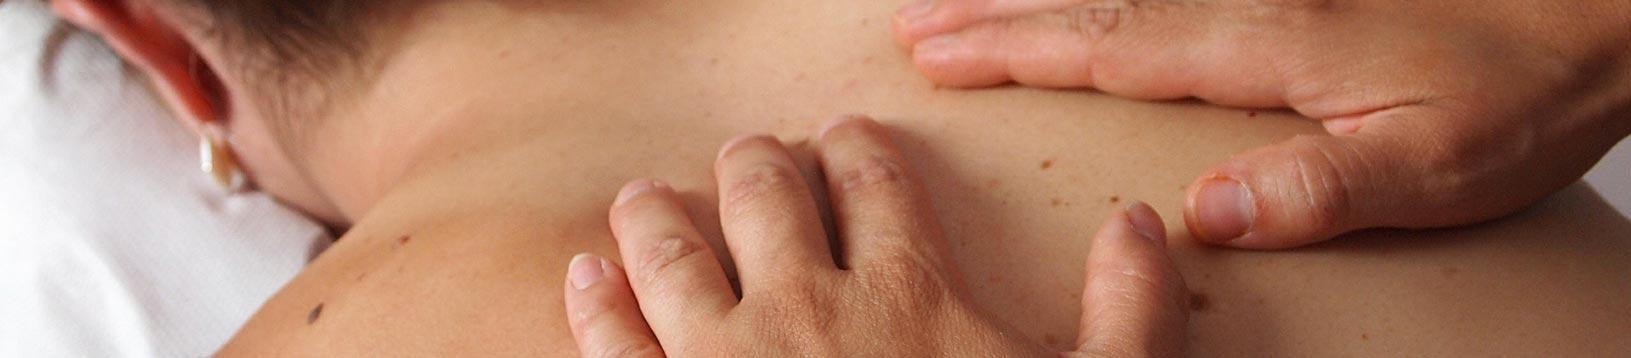 Corso di Massaggio Cinese - Scuola di Naturopatia